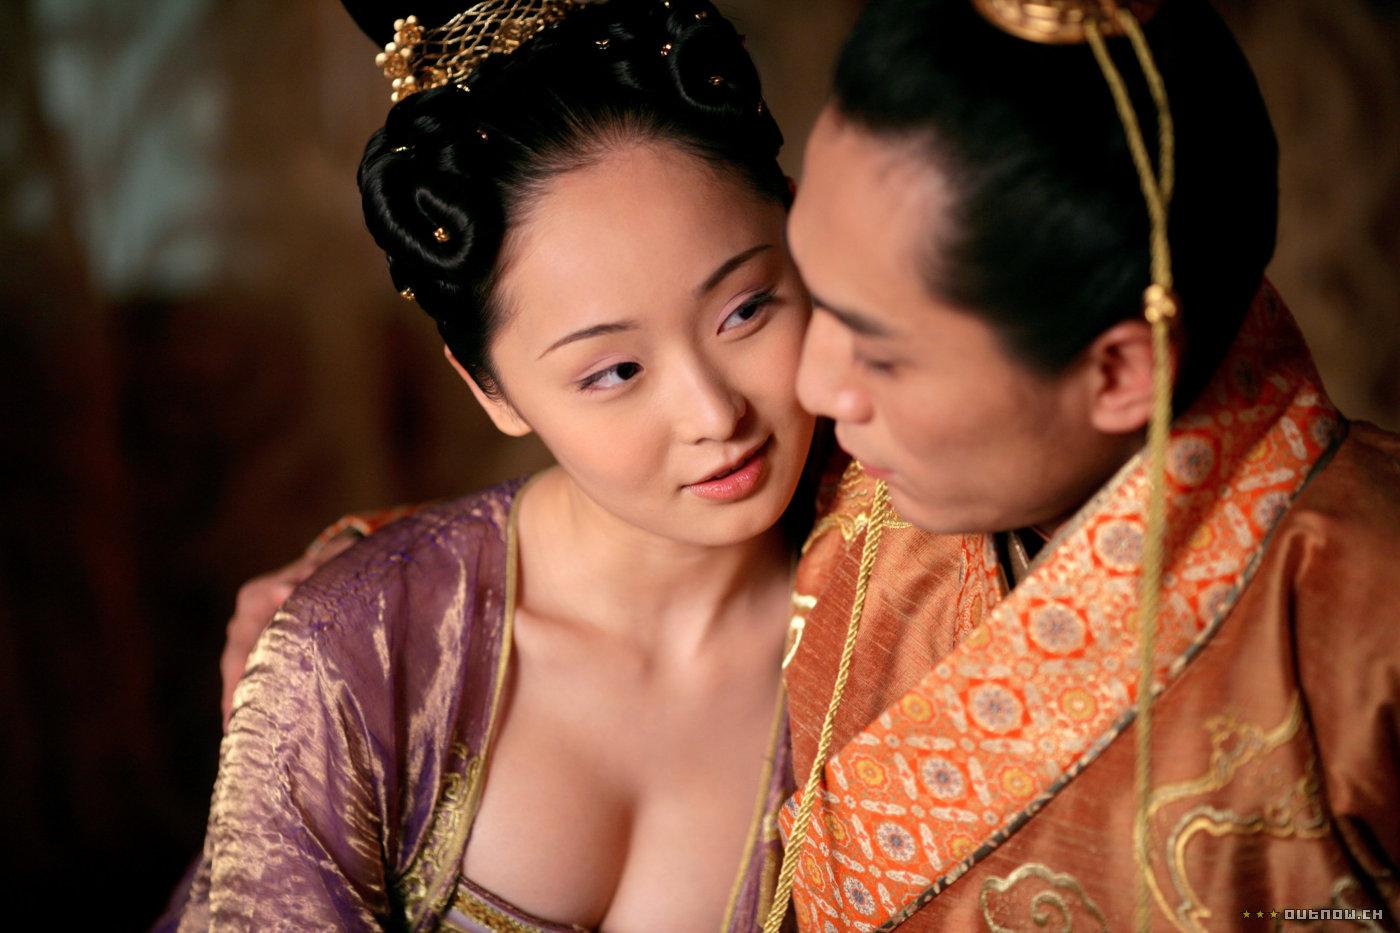 кадры из фильма Проклятие золотого цветка